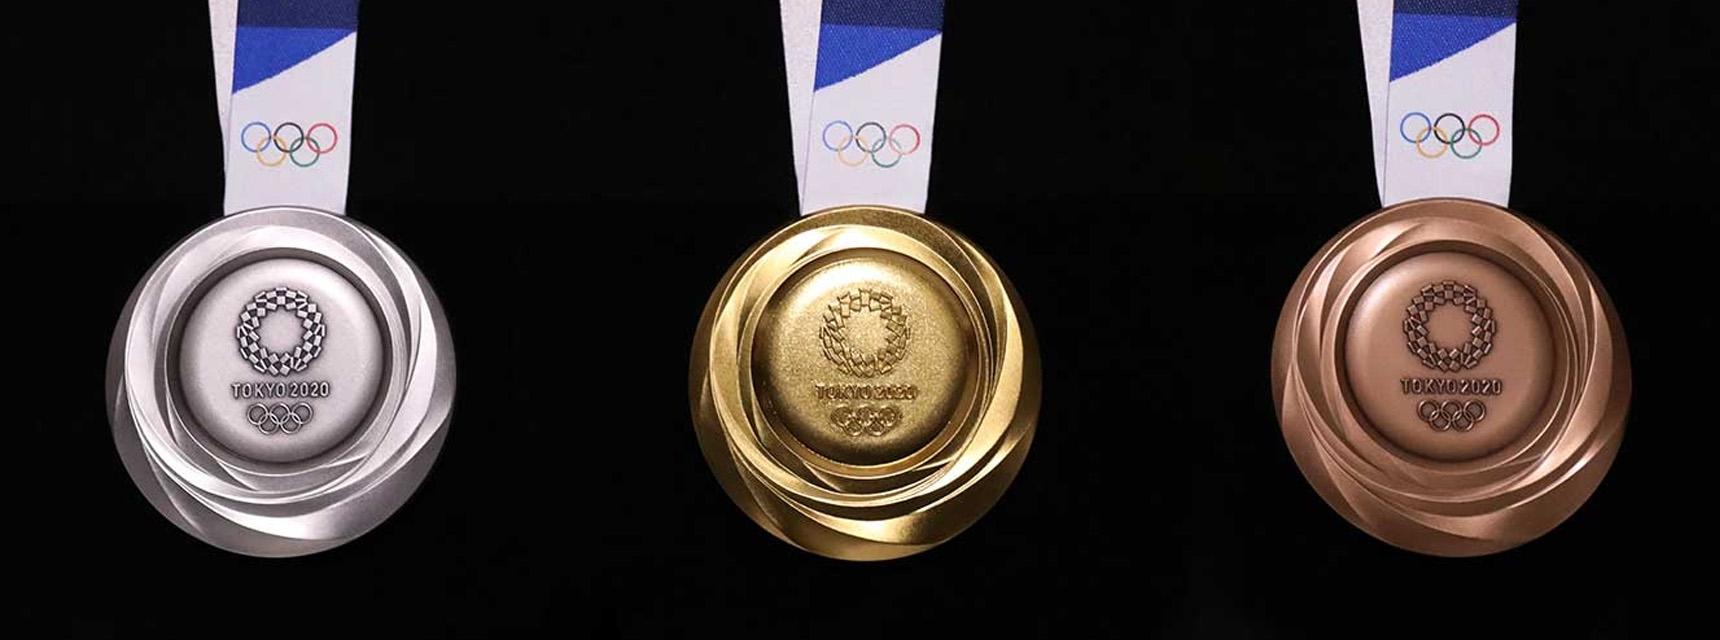 东京奥组委公布奖牌制作短片:621万部旧手机提炼出32kg纯金